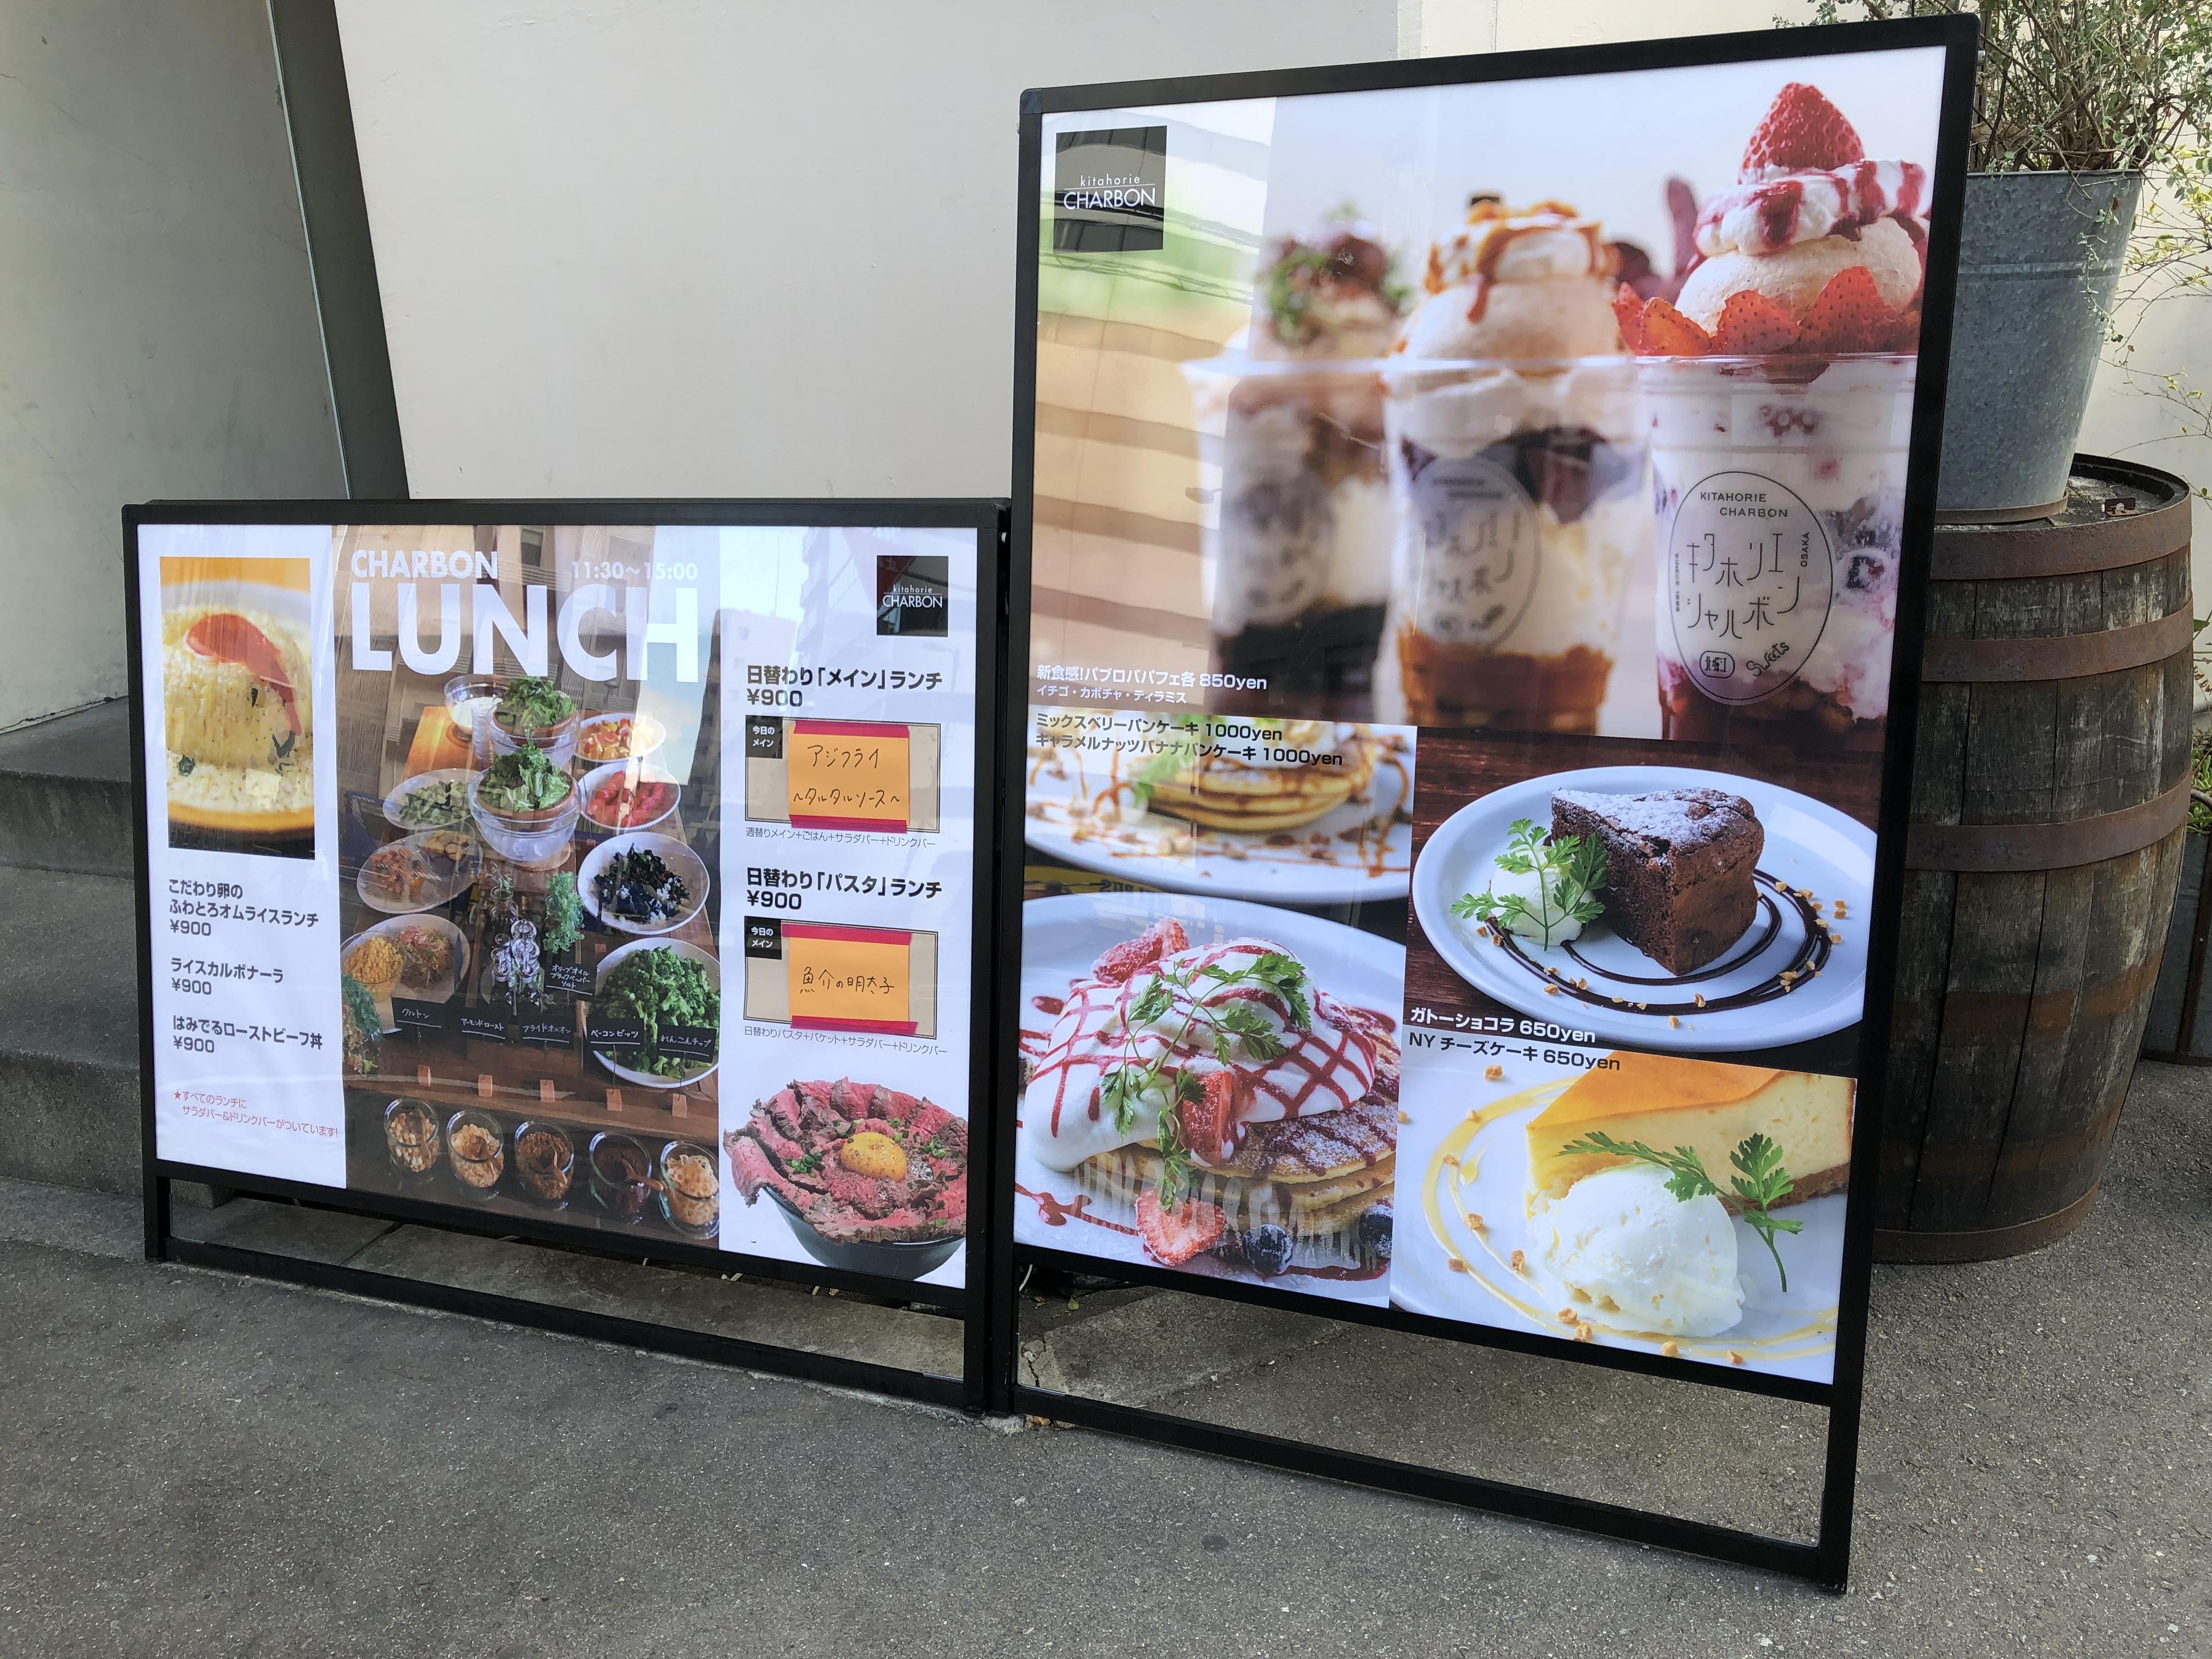 cafecharbon-menuboard